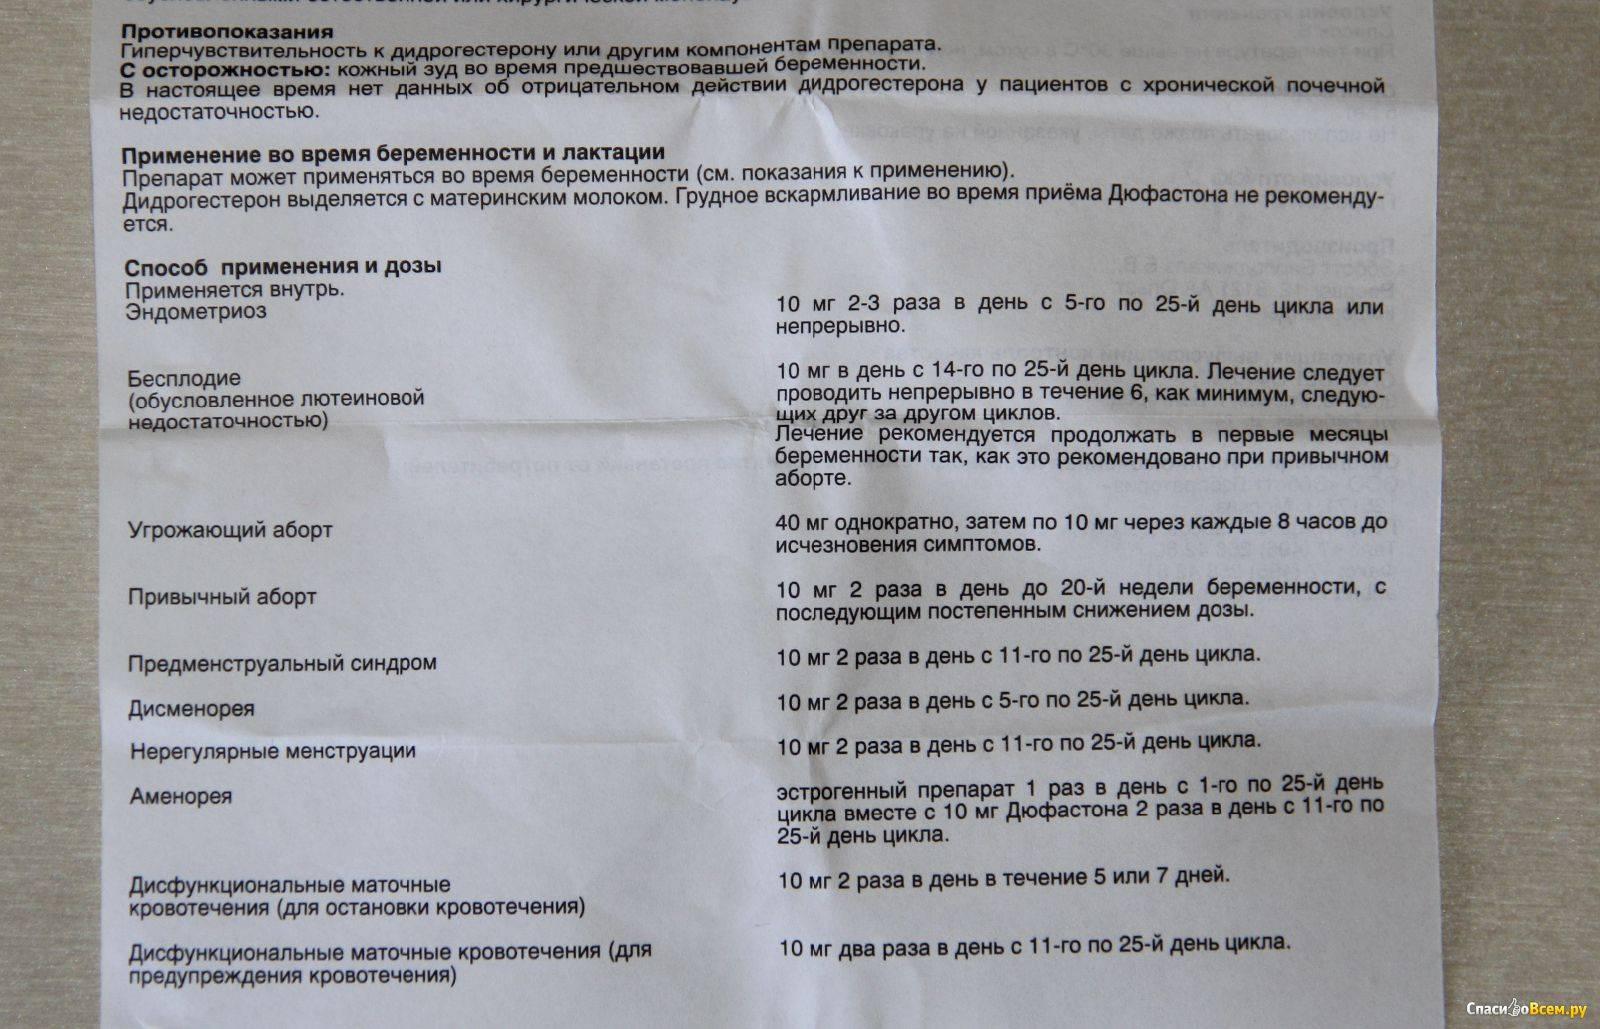 «дюфастон» при беременности: инструкция по применению